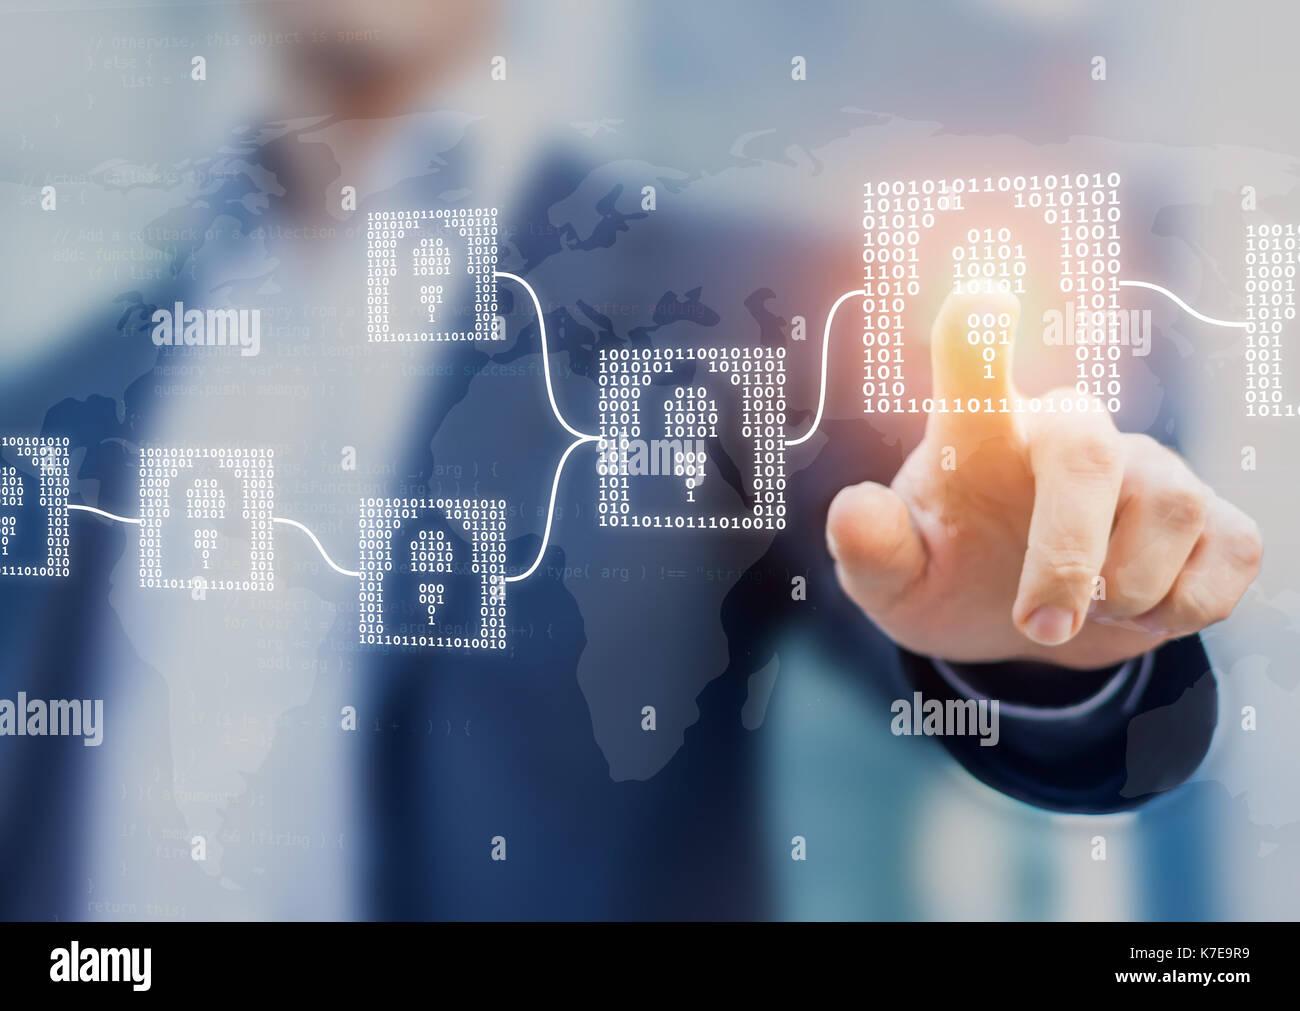 Concepto de tecnología financiera cryptocurrency blockchain con bloques de código binario y persona vinculada tocar la interfaz, fintech Imagen De Stock